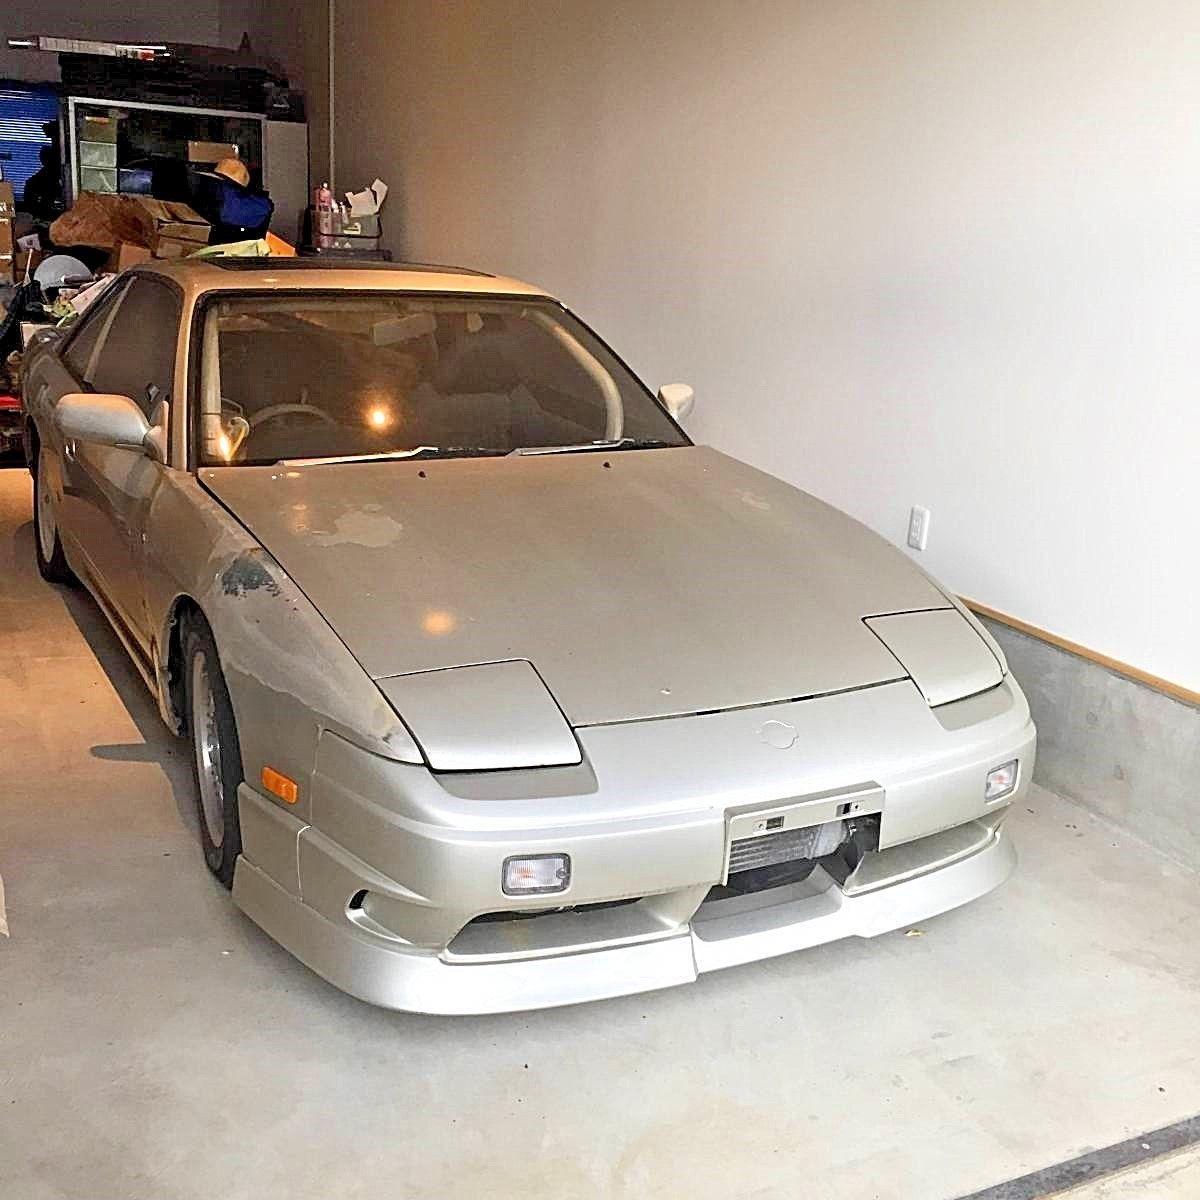 Nissan S13 Silvia Onevia 180sx Type X Kouki Sr20det Mt 5 Speed